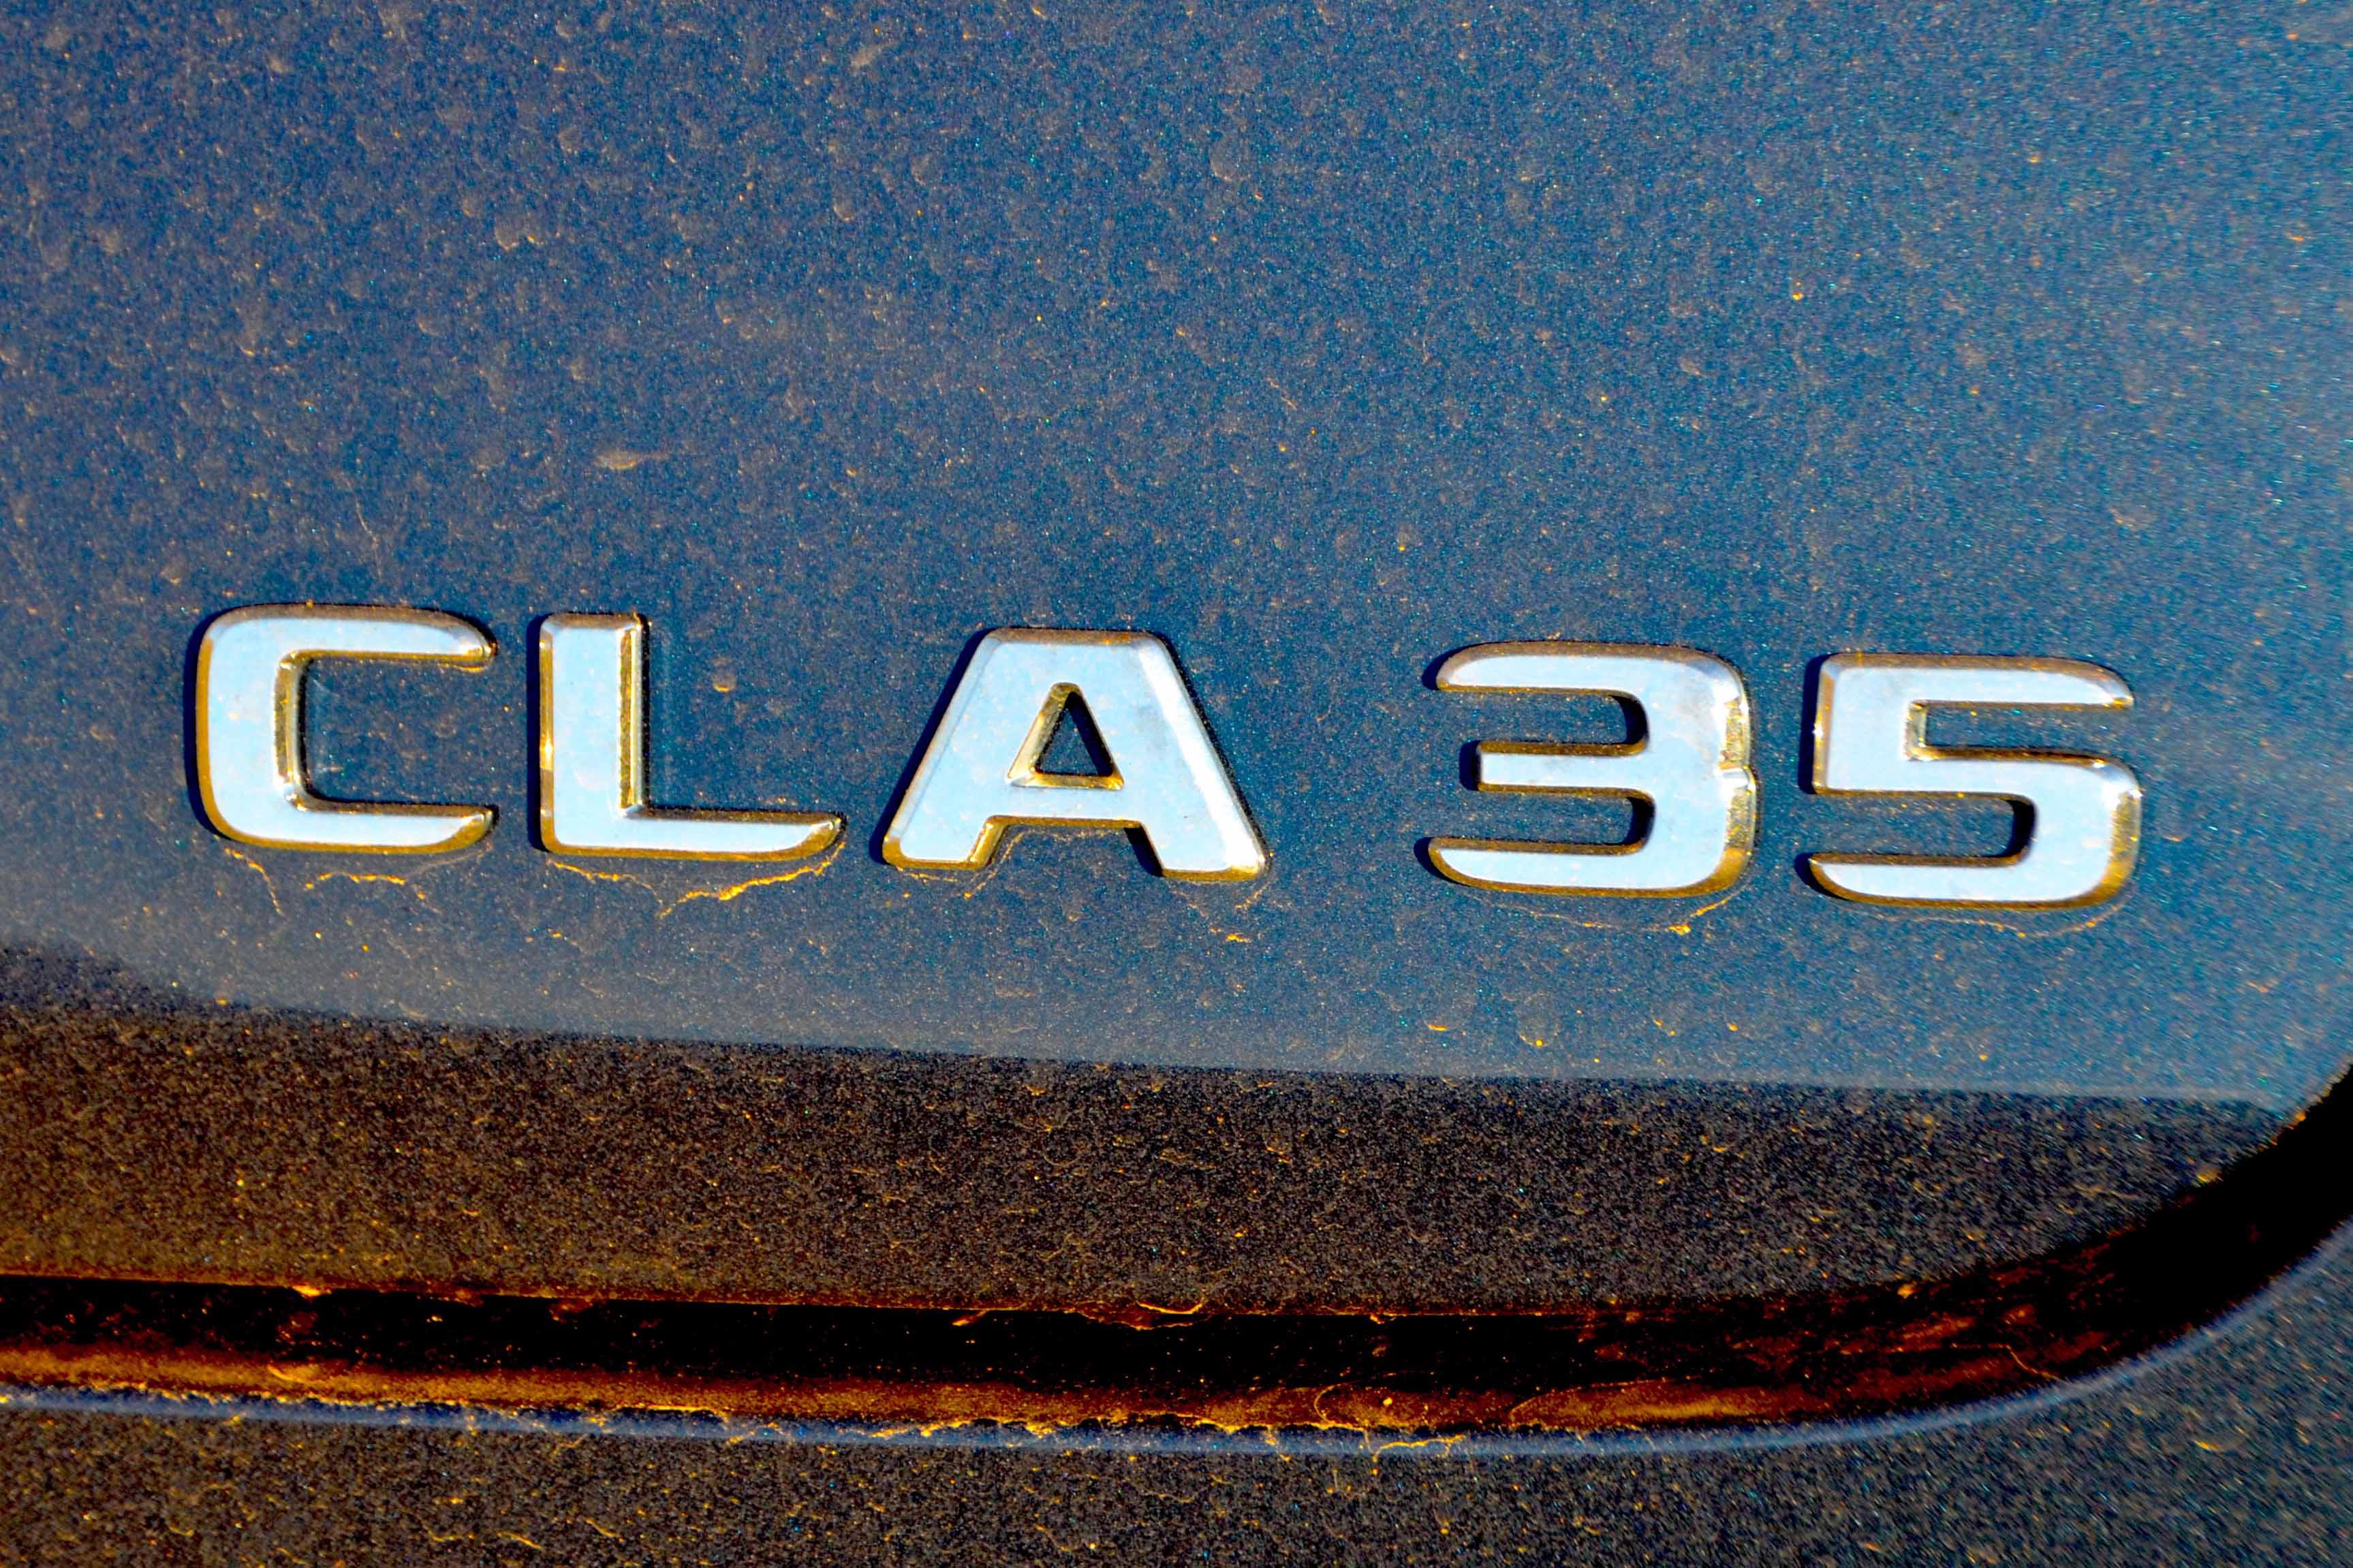 CLA 35